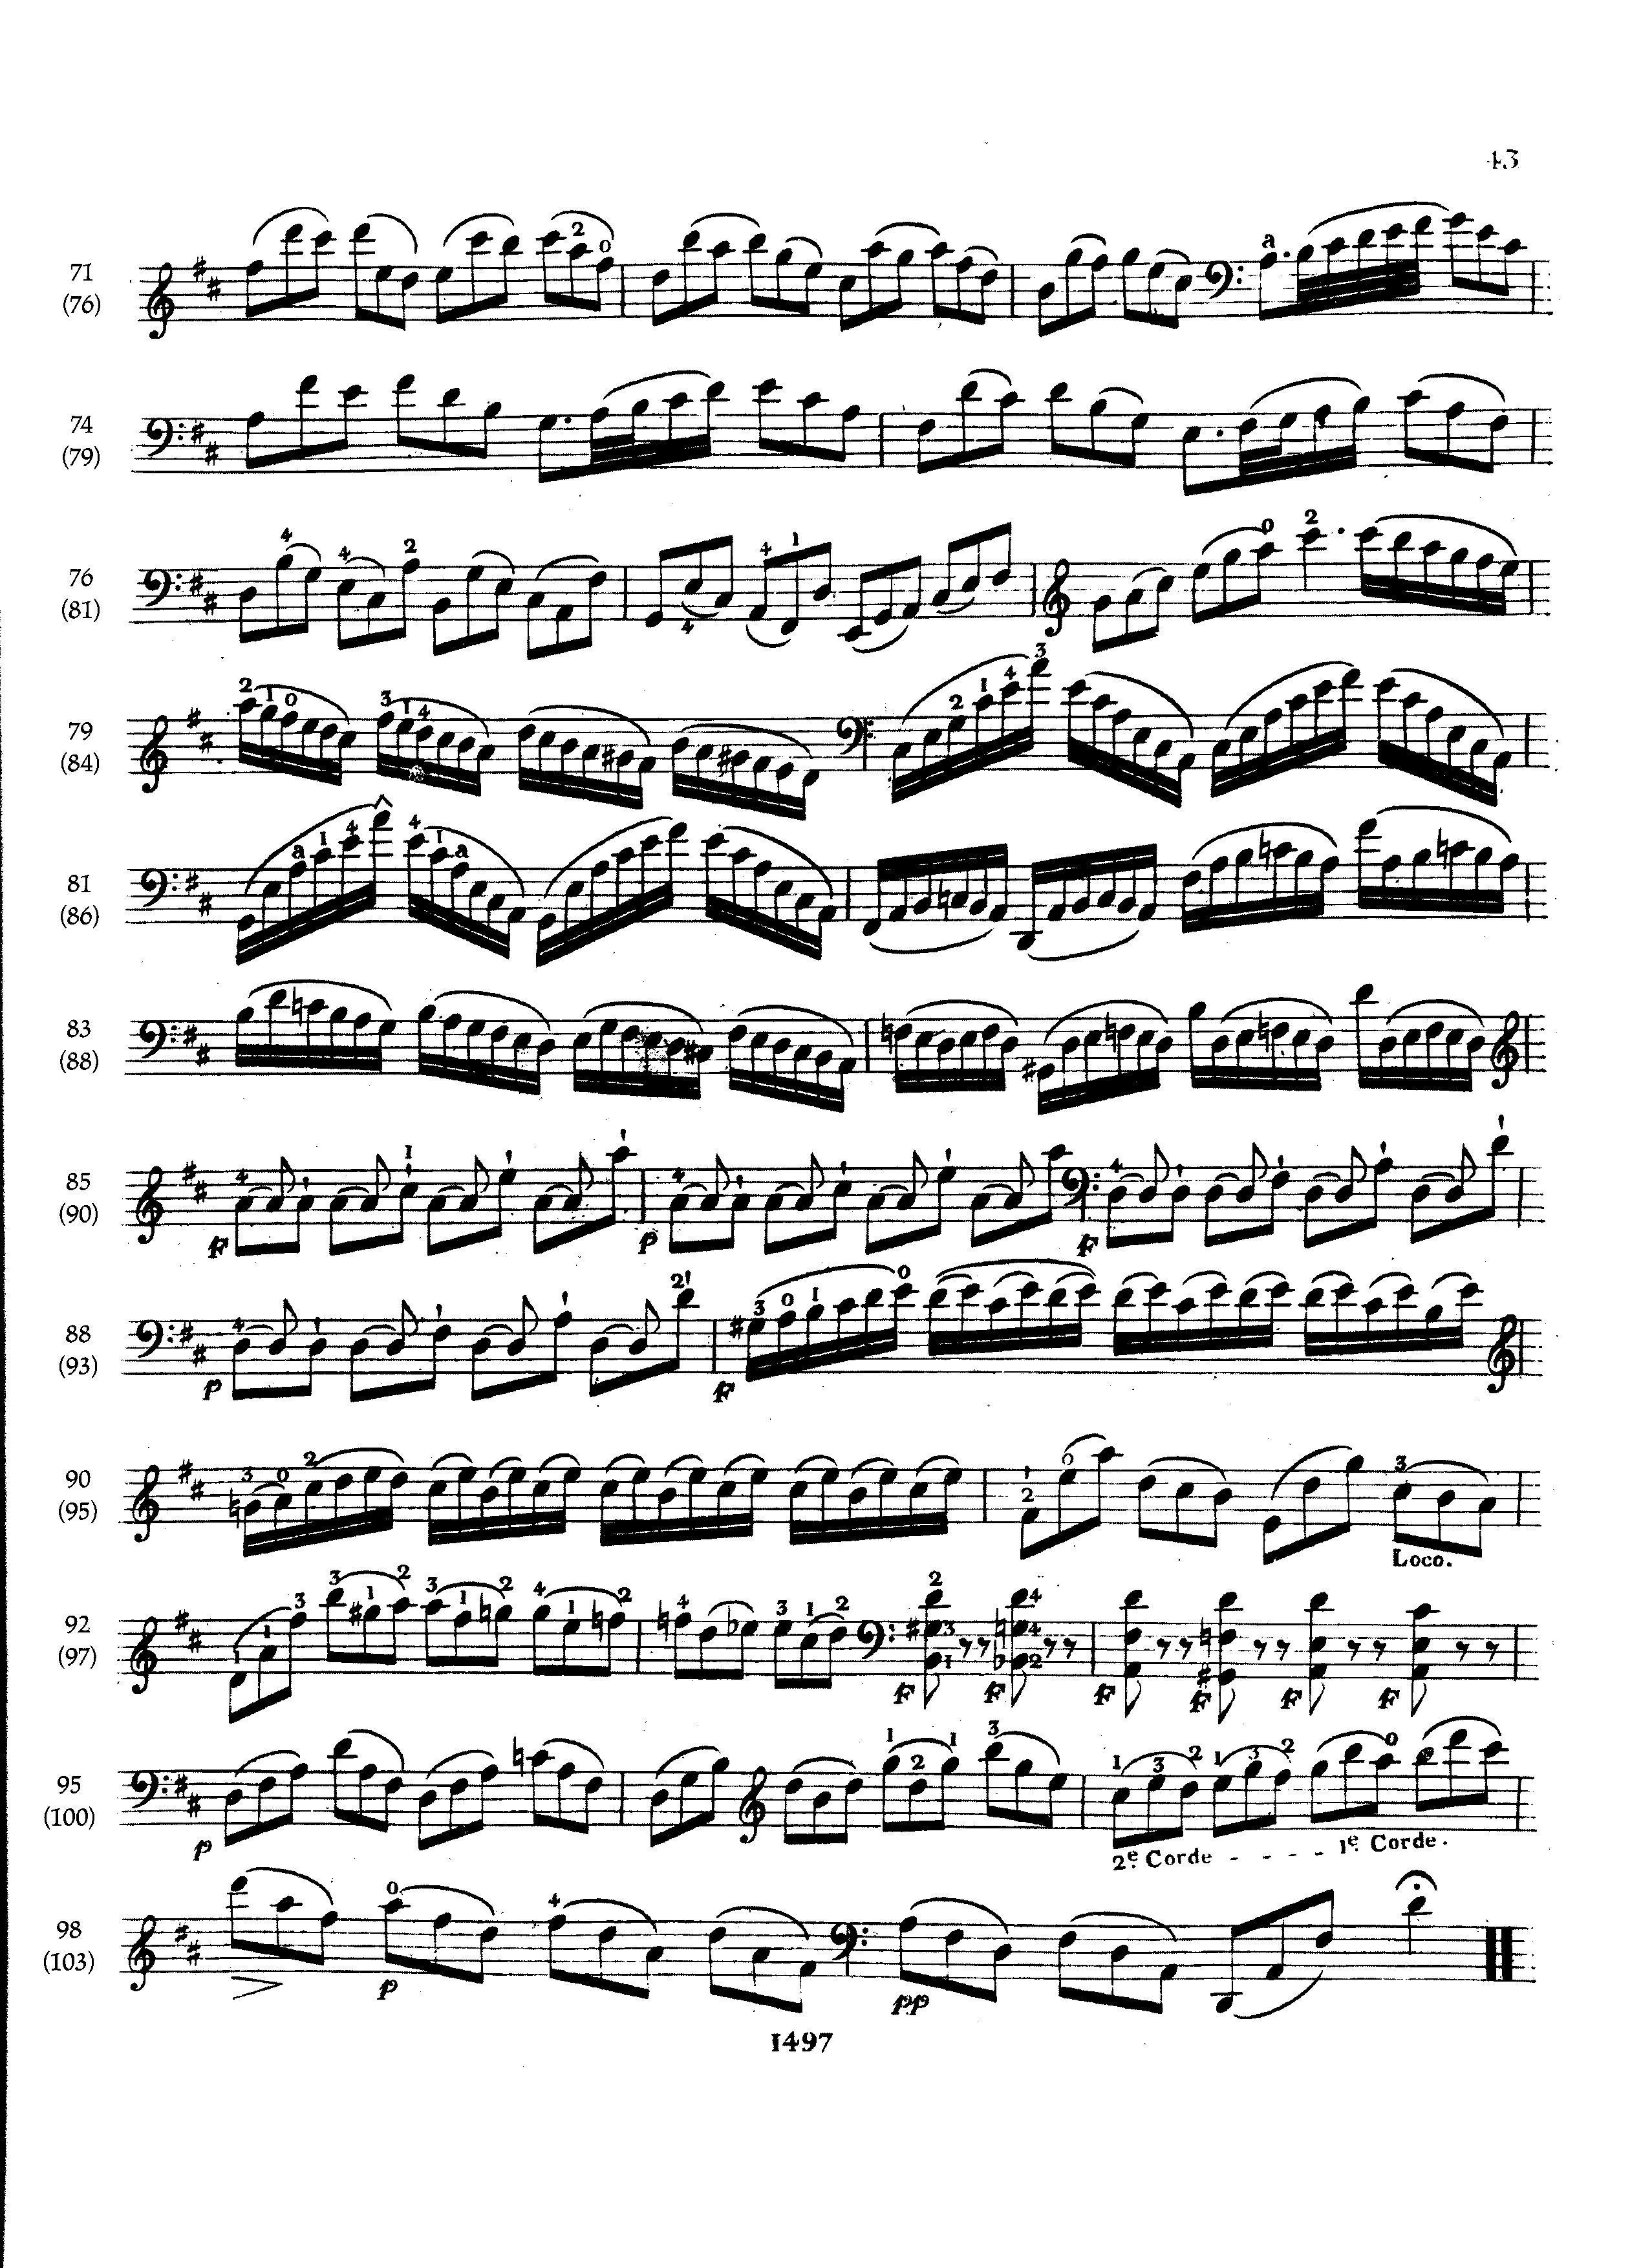 Pablo Casals Js Bach Cello Suite No 6 In D Major Bwv 1012